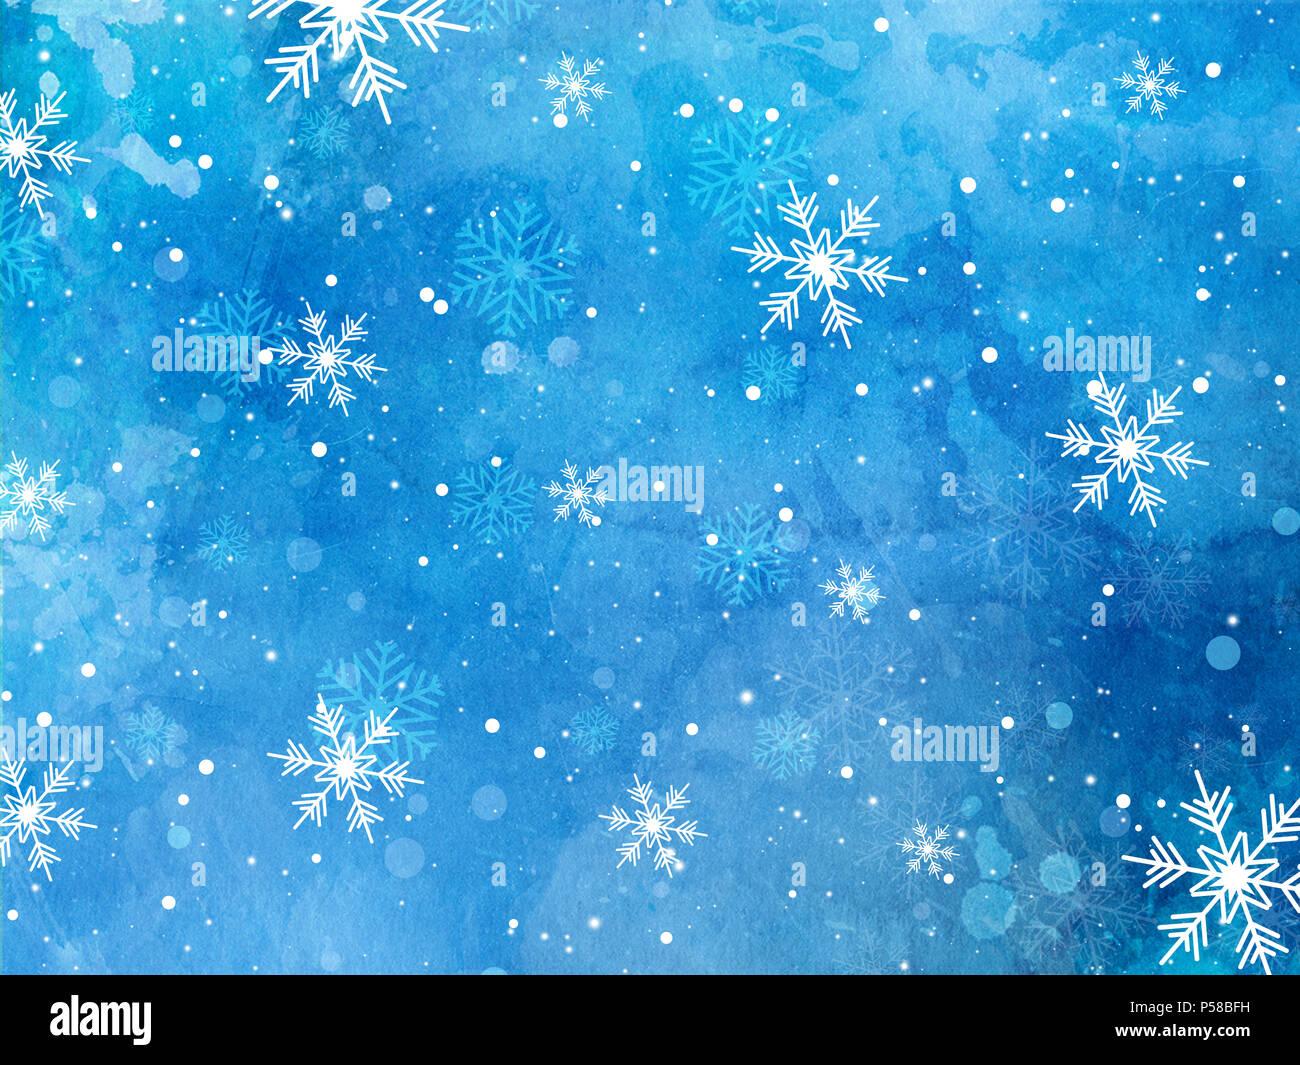 Weihnachten Schneeflocken auf einem Aquarell Textur Hintergrund ...